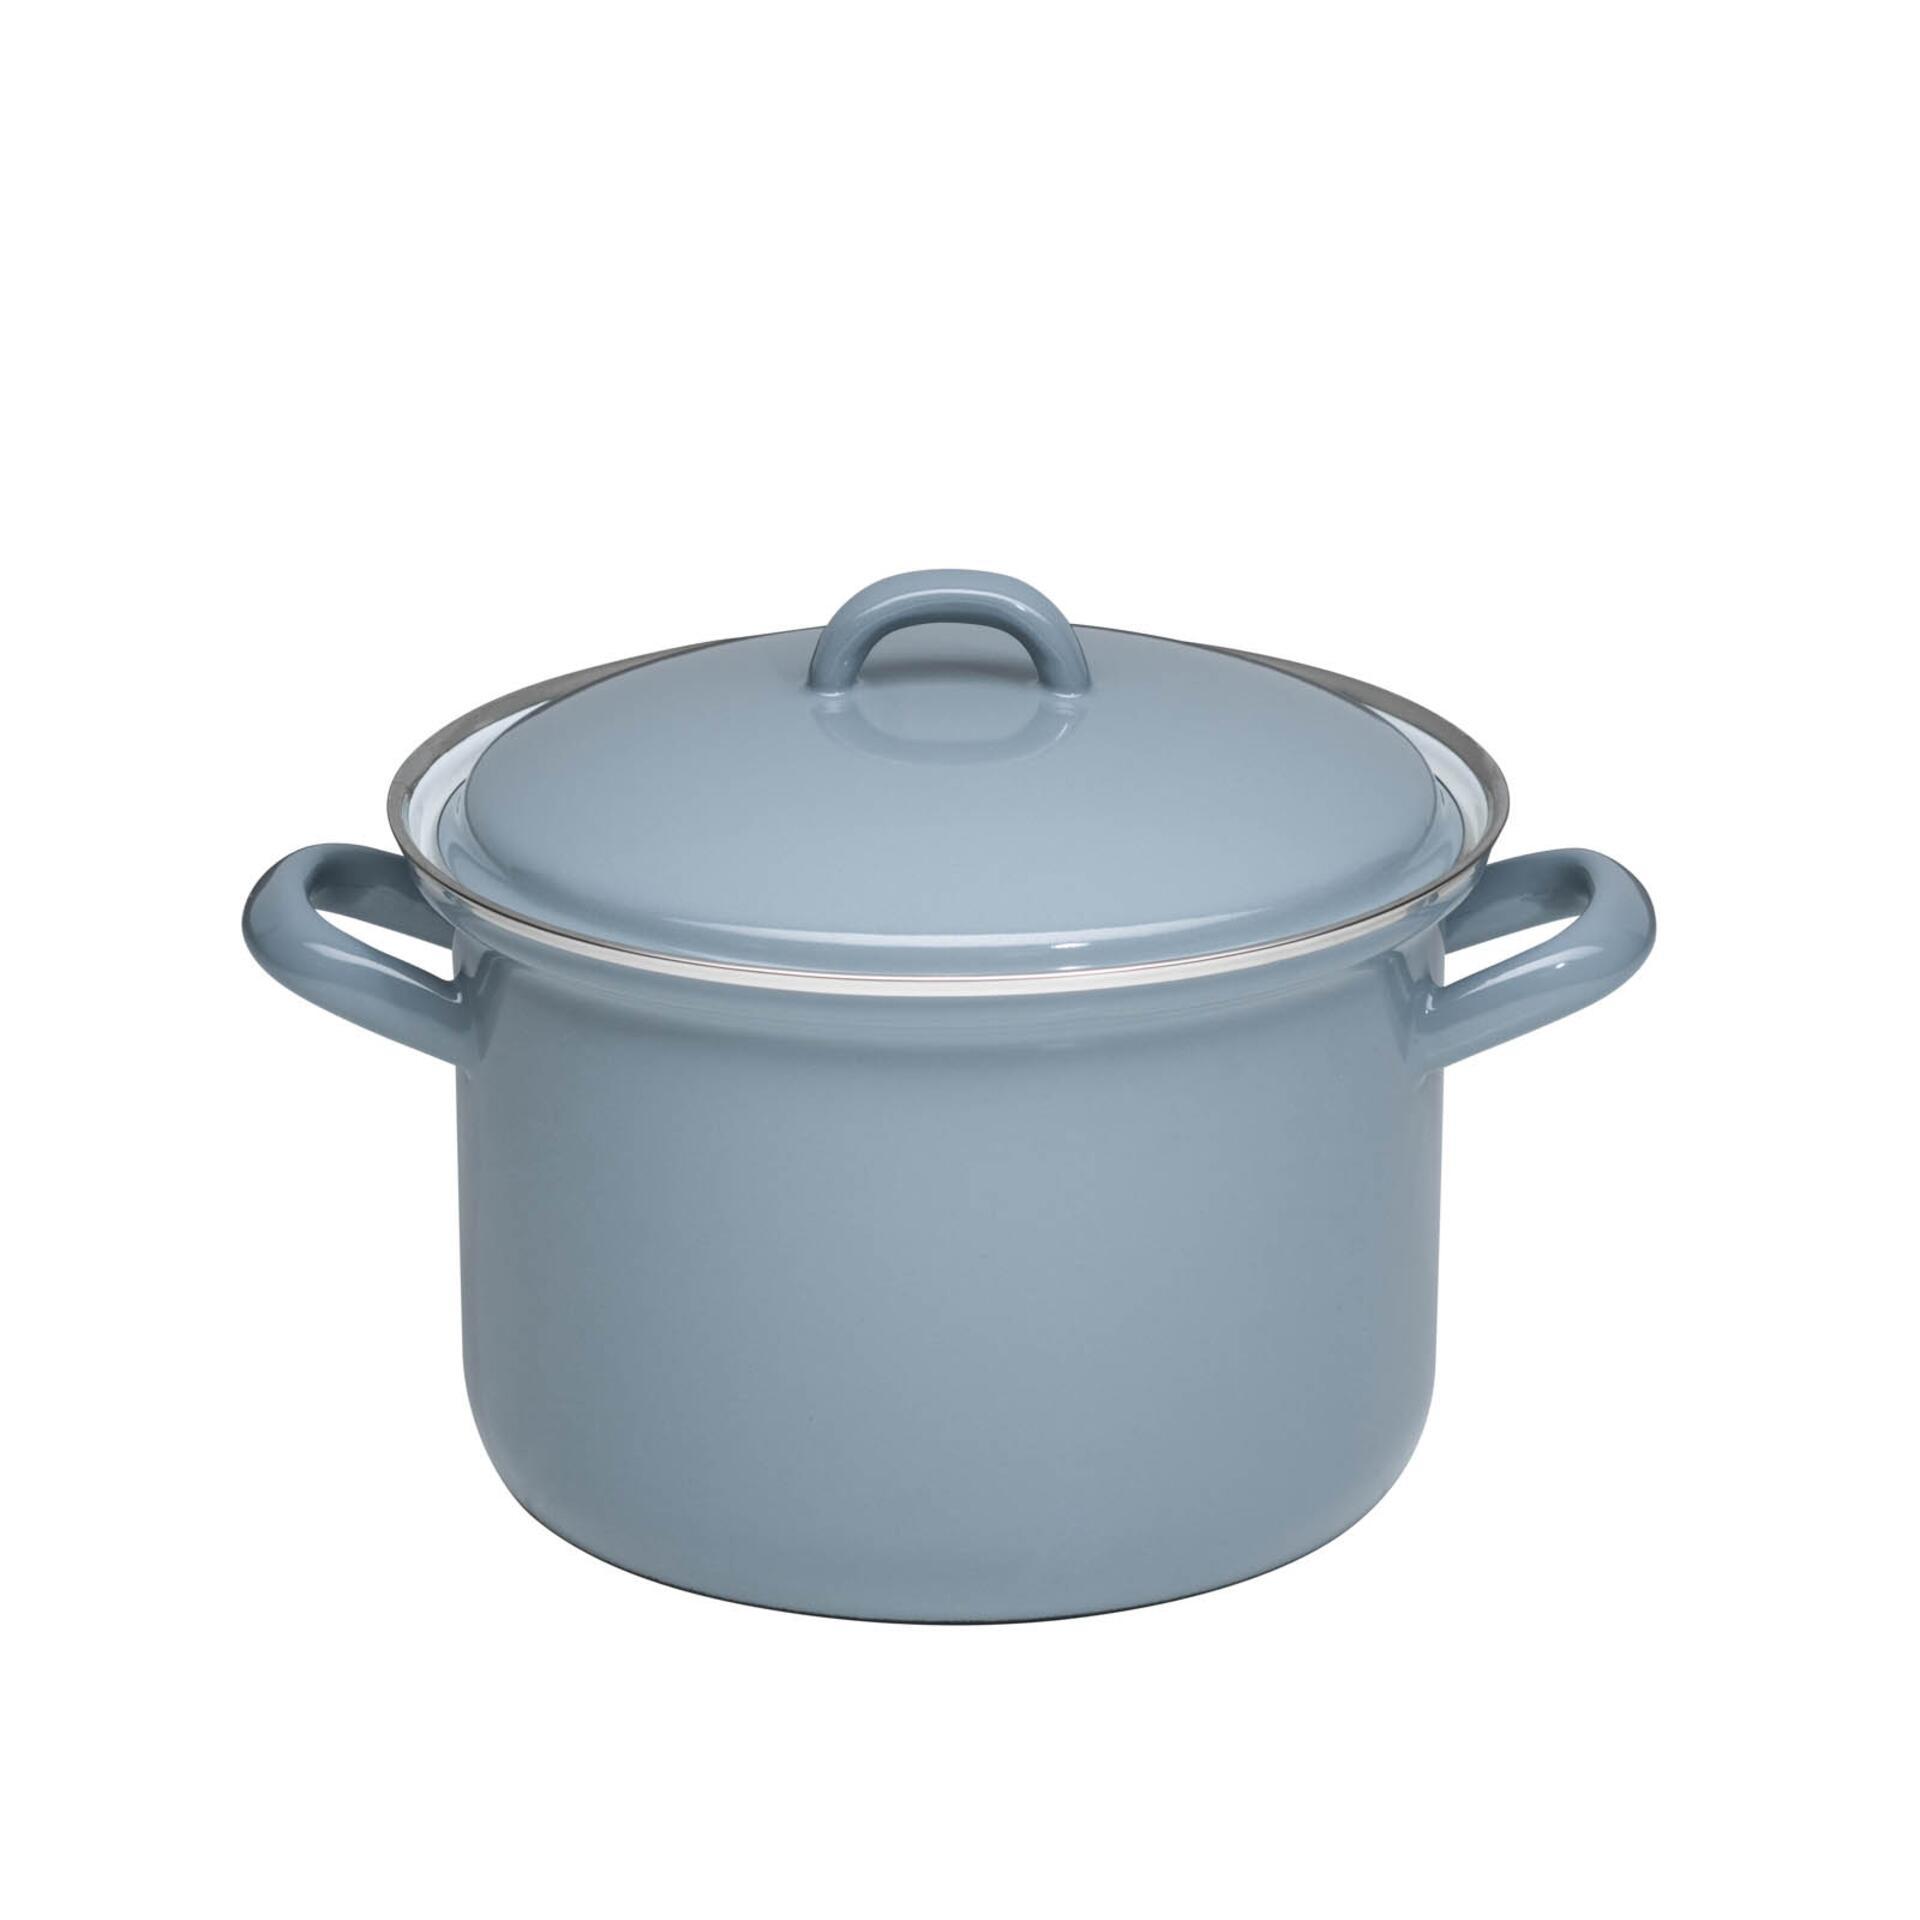 Riess Fleischtopf mit Deckel aus Emaille Pure Grey 1,5 l